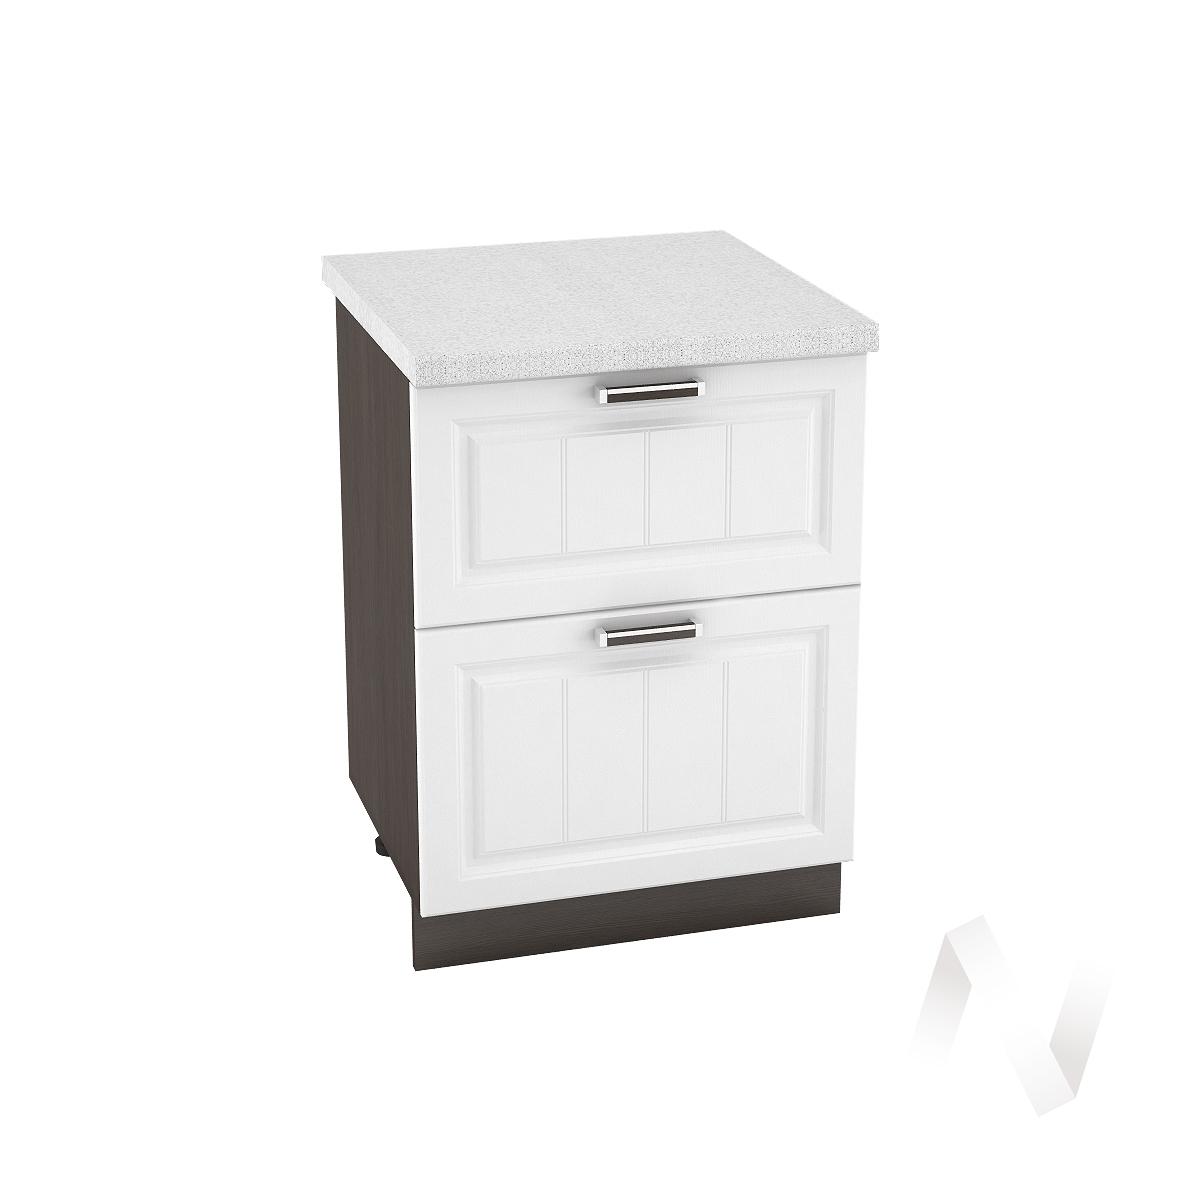 """Кухня """"Прага"""": Шкаф нижний с 2-мя ящиками 600, ШН2Я 600 (белое дерево/корпус венге)"""